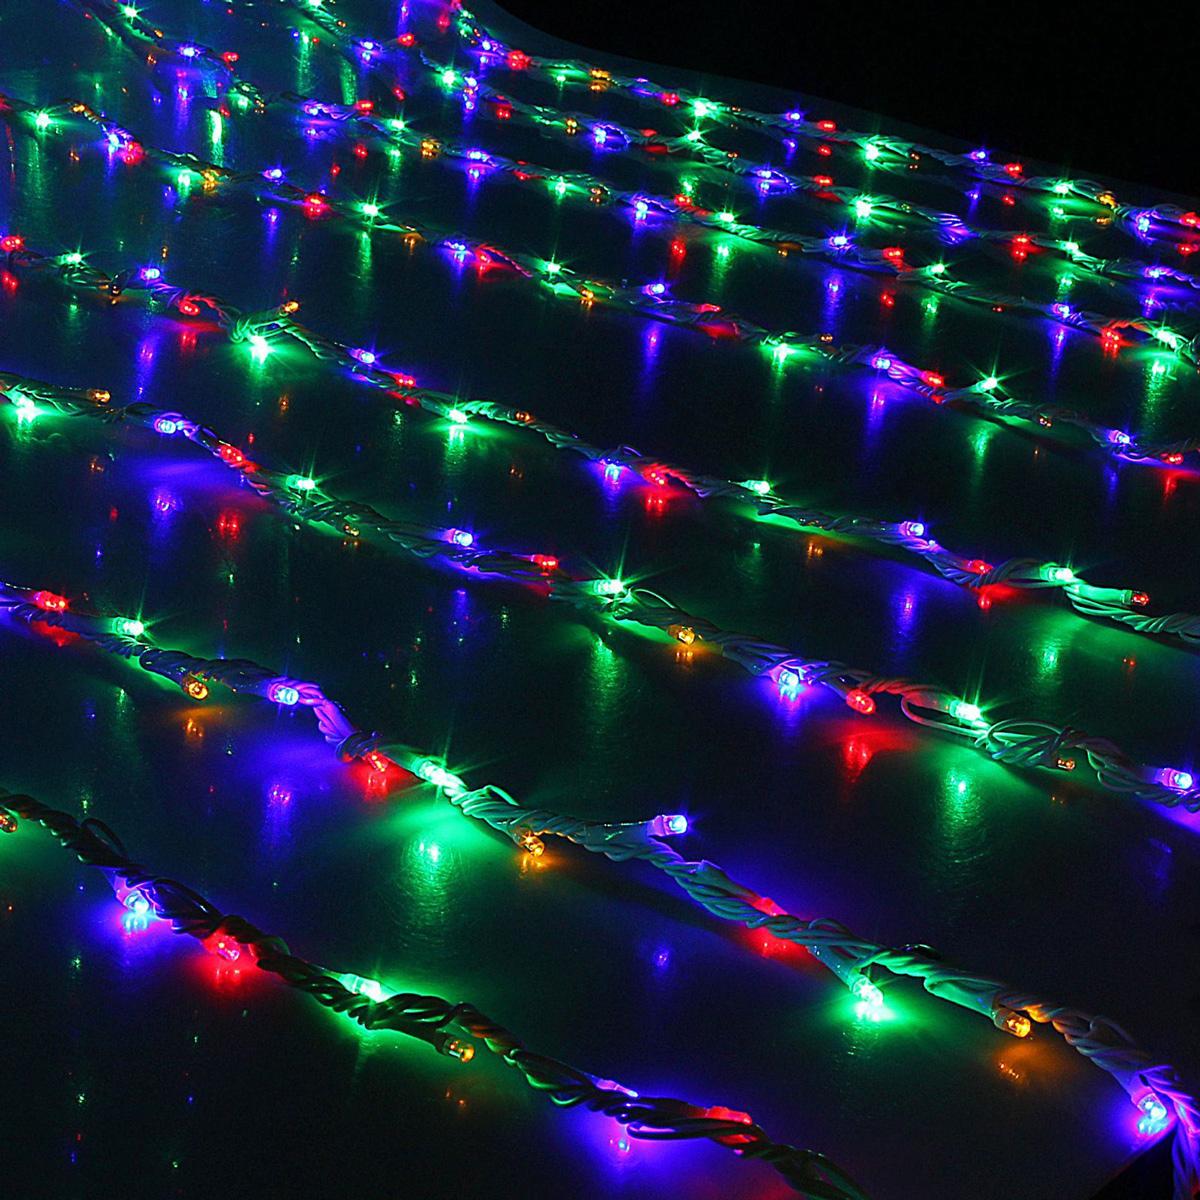 Гирлянда светодиодная Luazon Дождь, уличная, 800 ламп, 220 V, цвет: мультиколор, 2 х 3 м. 10801971080197Светодиодные гирлянды, ленты и т.д — это отличный вариант для новогоднего оформления интерьера или фасада. С их помощью помещение любого размера можно превратить в праздничный зал, а внешние элементы зданий, украшенные ими, мгновенно станут напоминать очертания сказочного дворца. Такие украшения создают ауру предвкушения чуда. Деревья, фасады, витрины, окна и арки будто специально созданы, чтобы вы украсили их светящимися нитями.